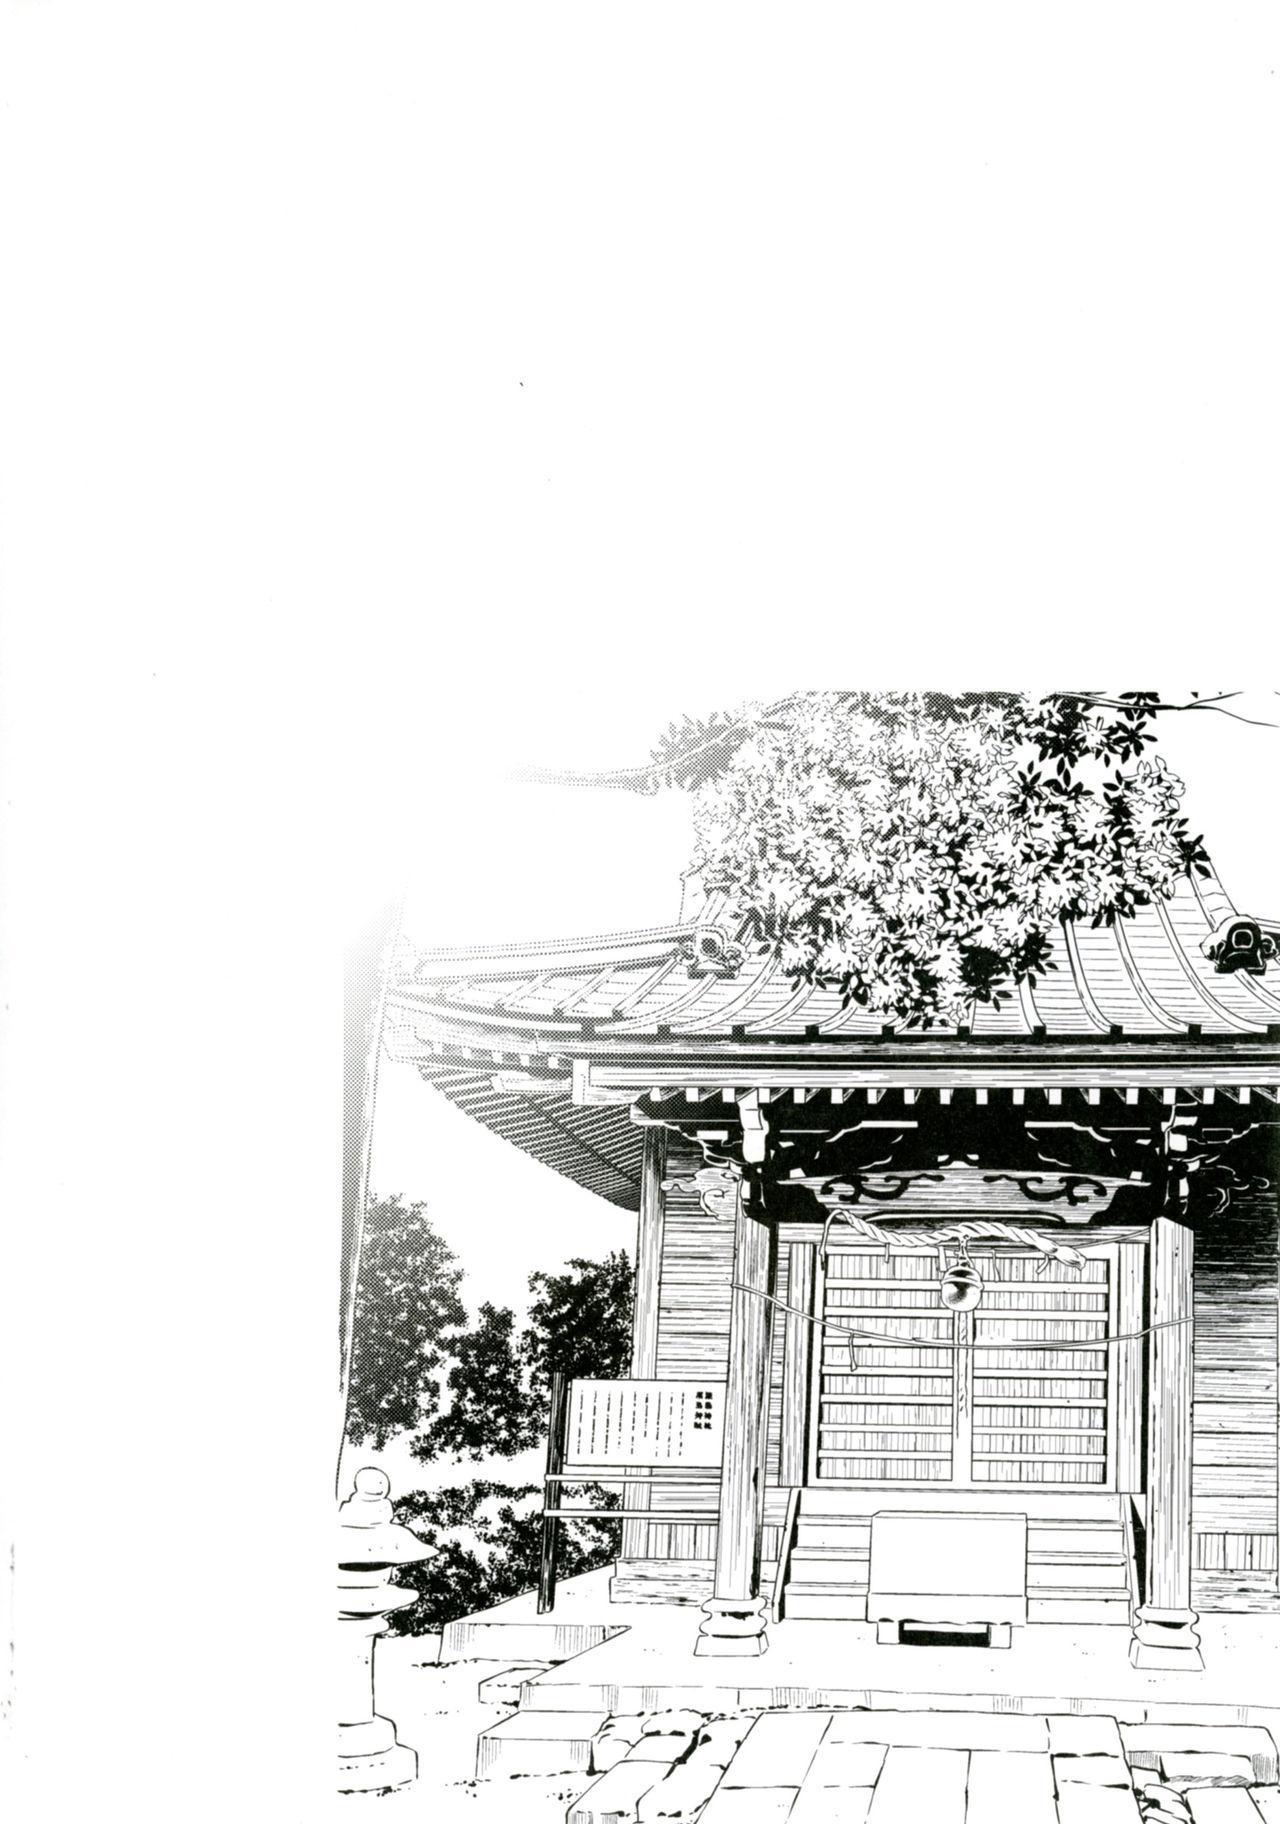 Awashima Harem 2